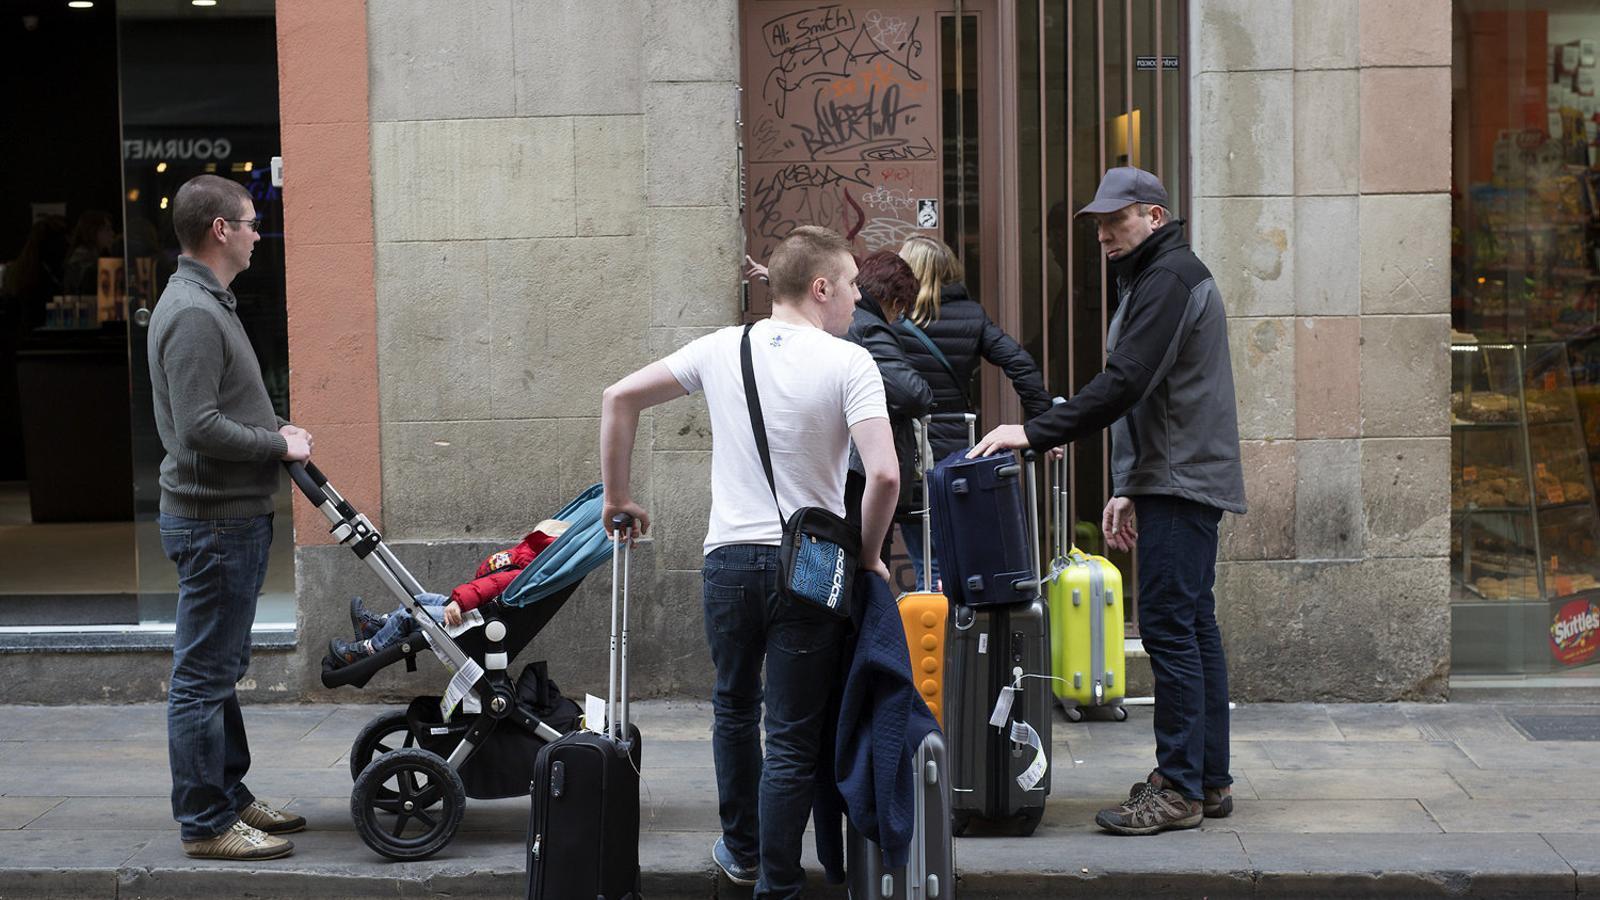 Les plataformes de lloguer turístic s'han convertit en un fenomen global els últims anys. Això ha urgit el govern espanyol  a incrementar el control sobre la seva activitat per garantir que els amfitrions no cometin frau fiscal.